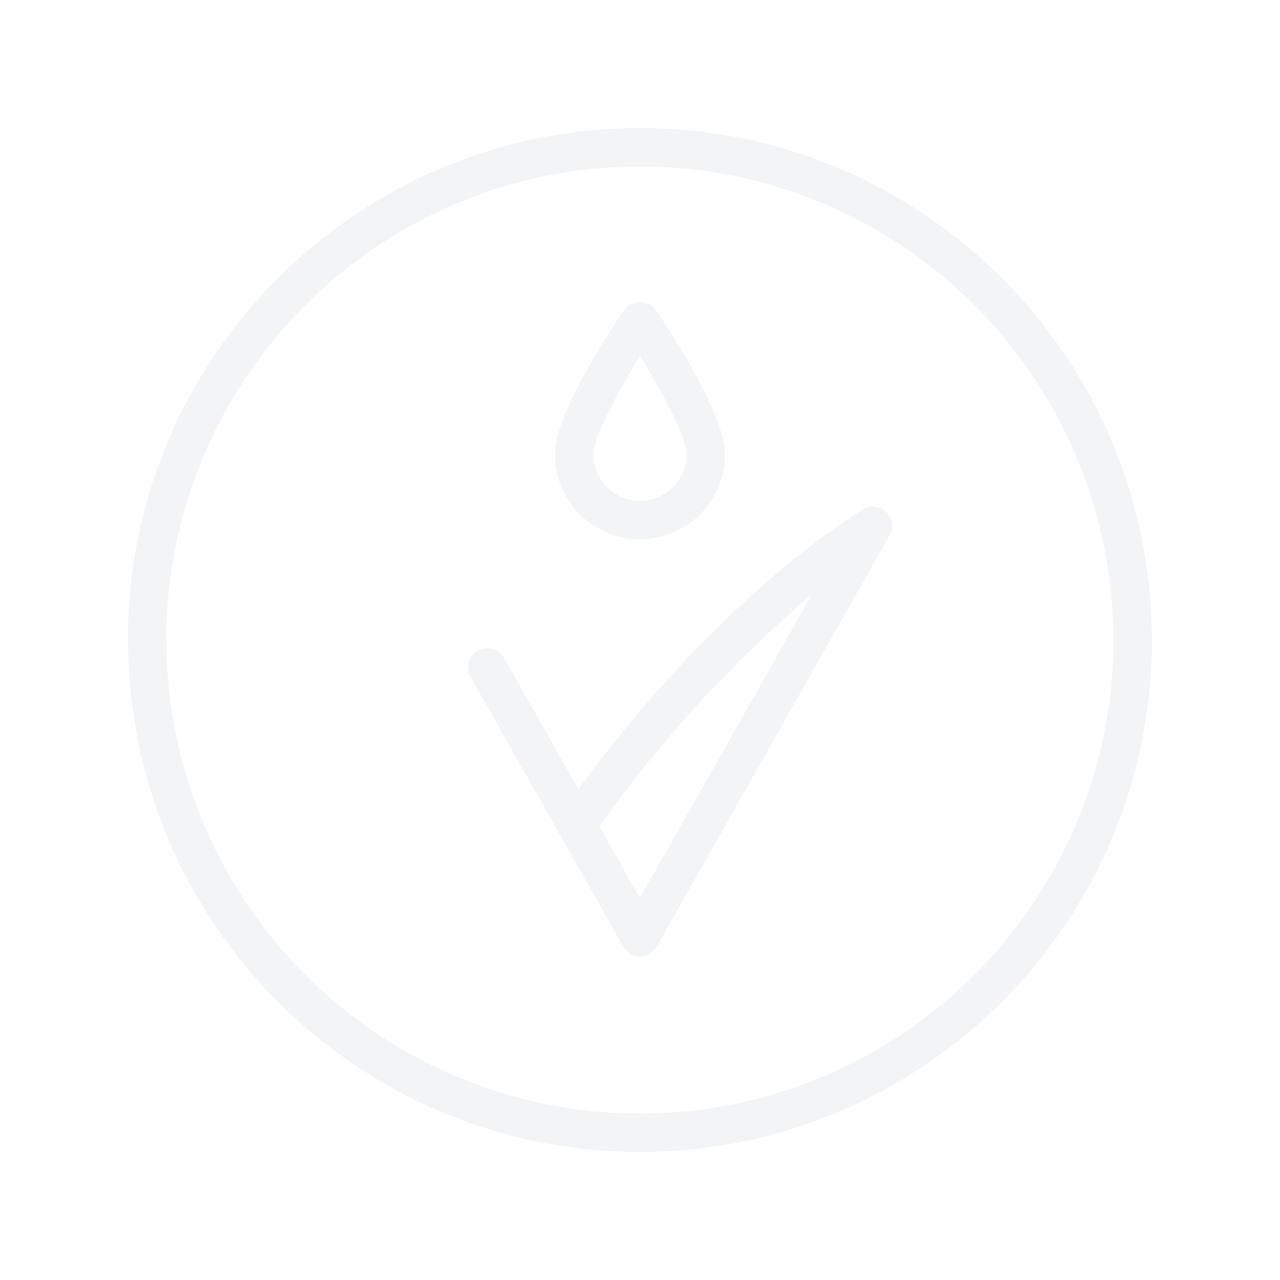 BIODROGA Puran BB Cream SPF15 No.02 Honey 40ml